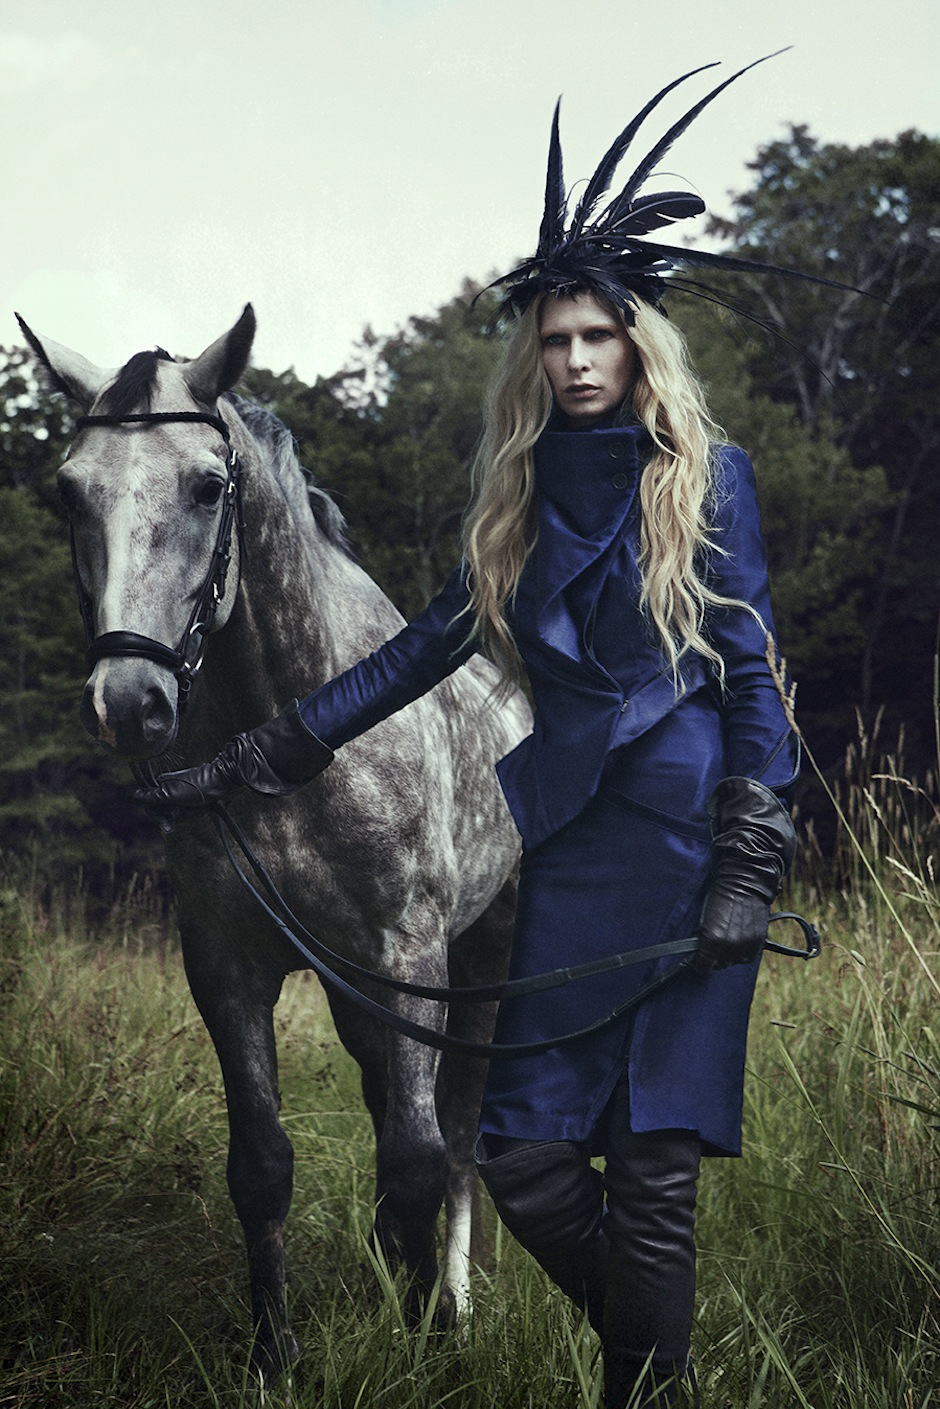 Christina Kruse by Jeff Elstone (Freyja - StyleZeitgeist #3 Fall 2012) 4.jpg